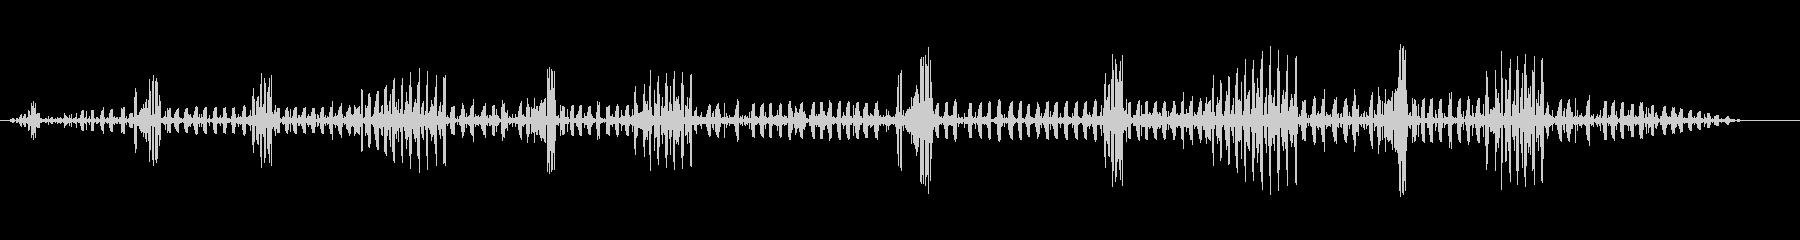 リバーズナイトサマーナイチンゲール...の未再生の波形